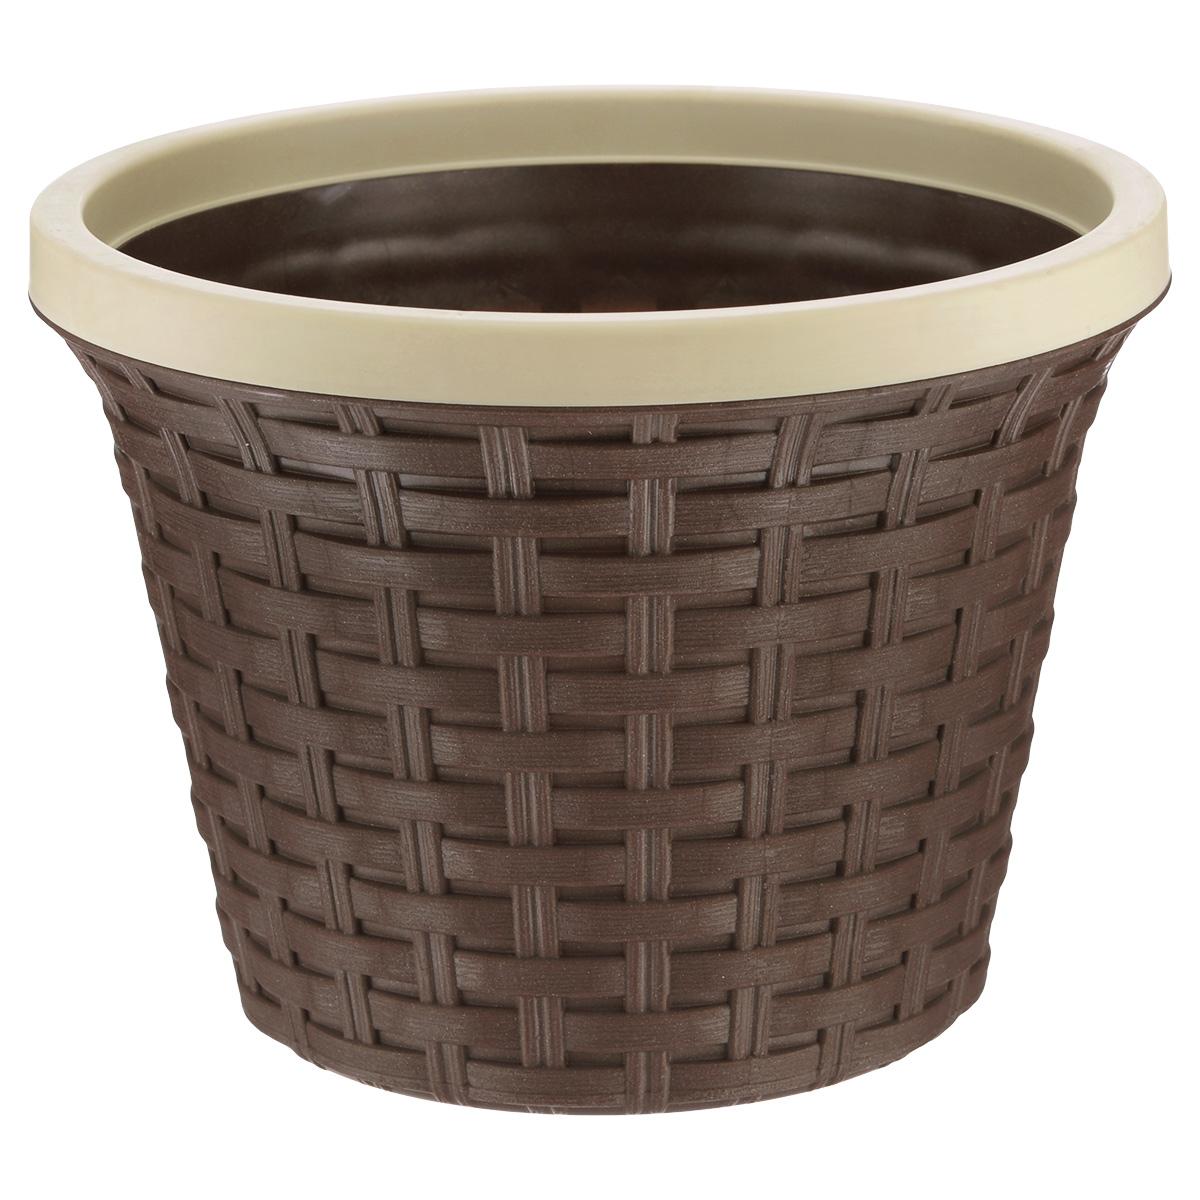 Кашпо круглое Violet Ротанг, с дренажной системой, цвет: коричневый, 3,4 лZ-0307Круглое кашпо Violet Ротанг изготовлено из высококачественного пластика и оснащено дренажной системой для быстрого отведения избытка воды при поливе. Изделие прекрасно подходит для выращивания растений и цветов в домашних условиях. Лаконичный дизайн впишется в интерьер любого помещения.Объем: 3,4 л.